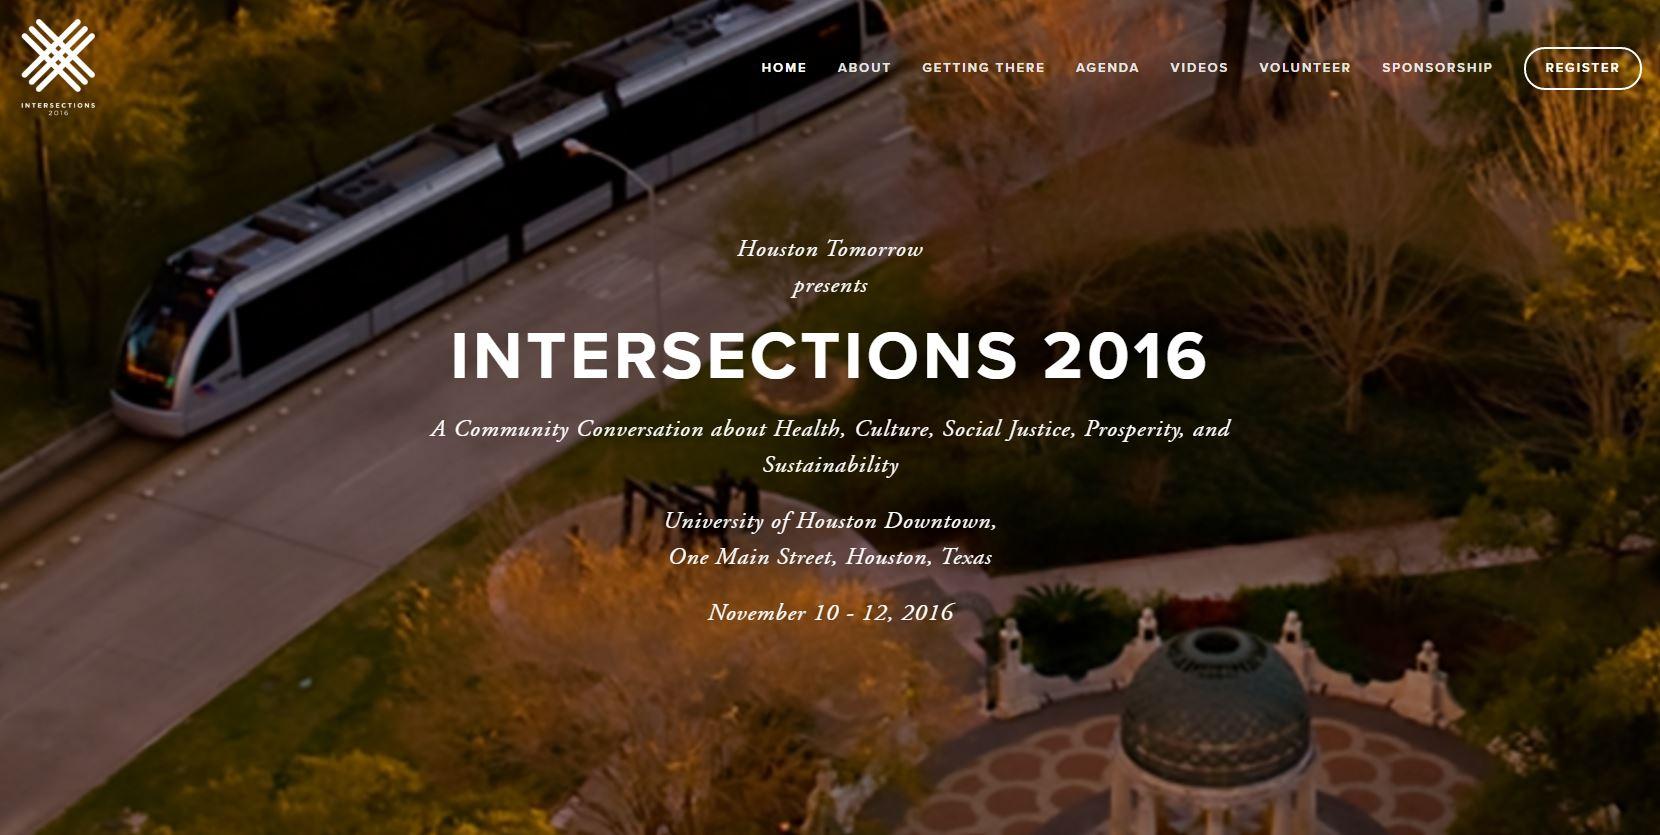 intersections website.JPG